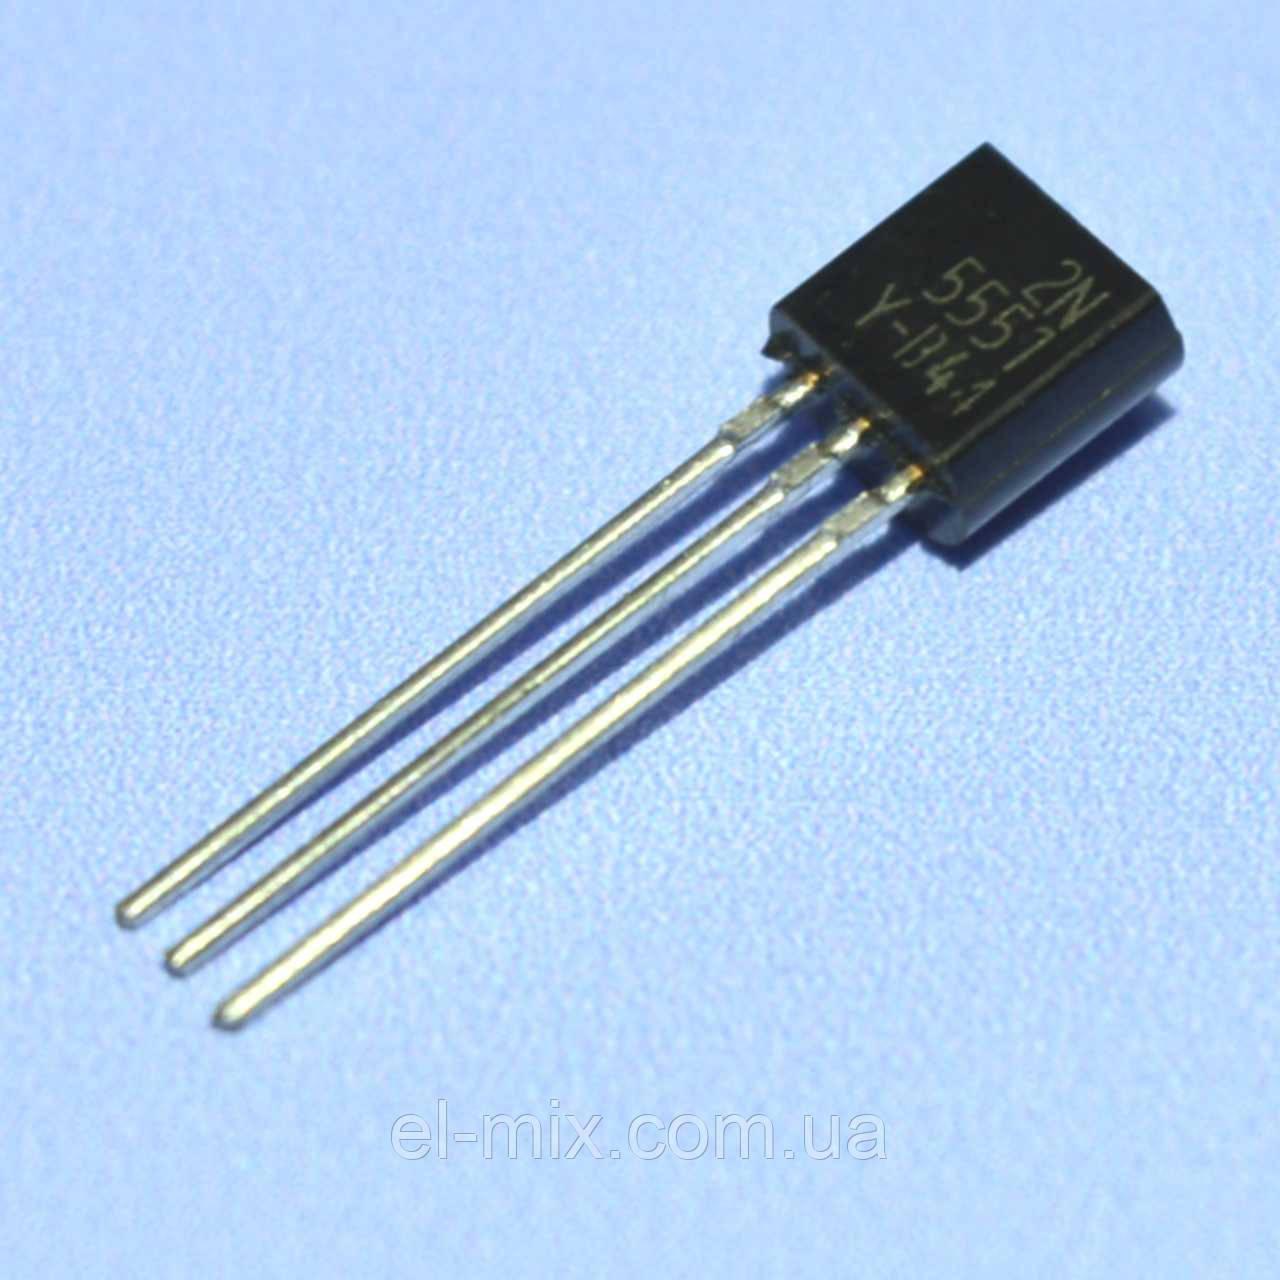 Транзистор биполярный 2N5551  TO-92  FSC